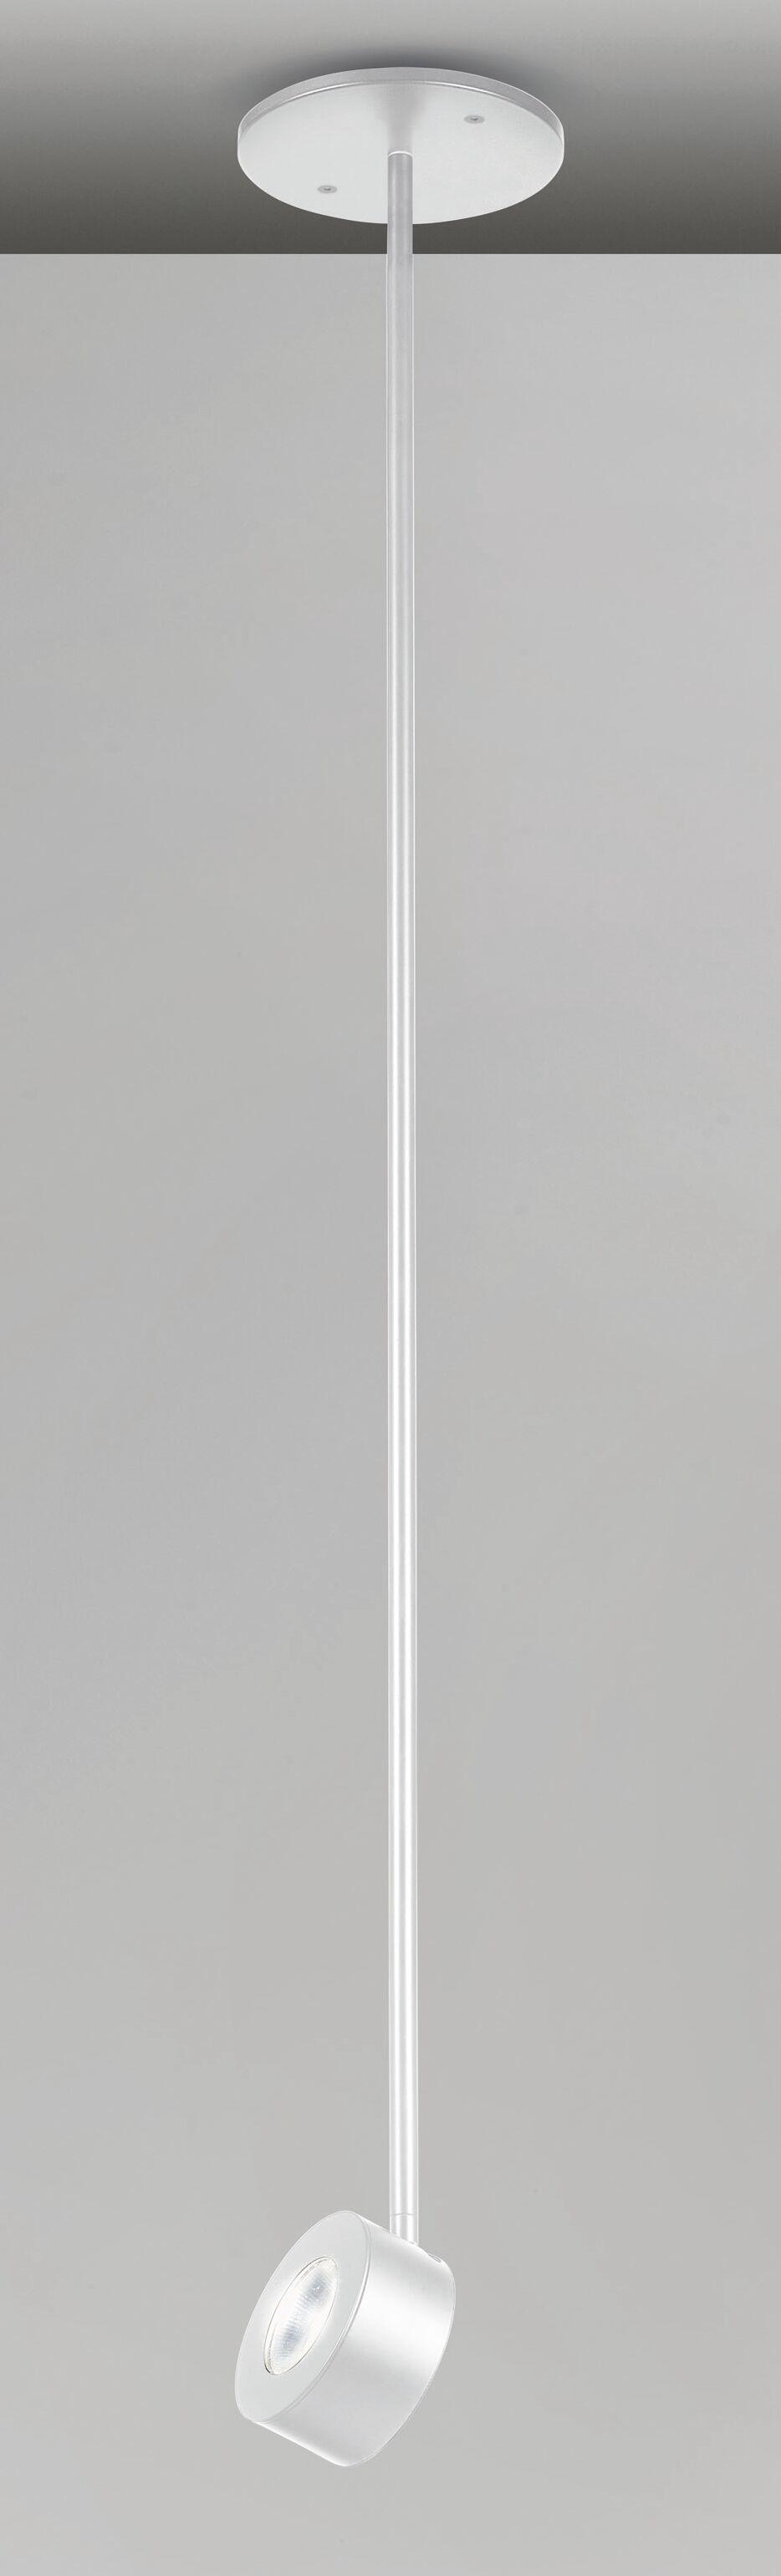 Favilla 1-Light Drum Pendant Finish: White Matte, Size: 10